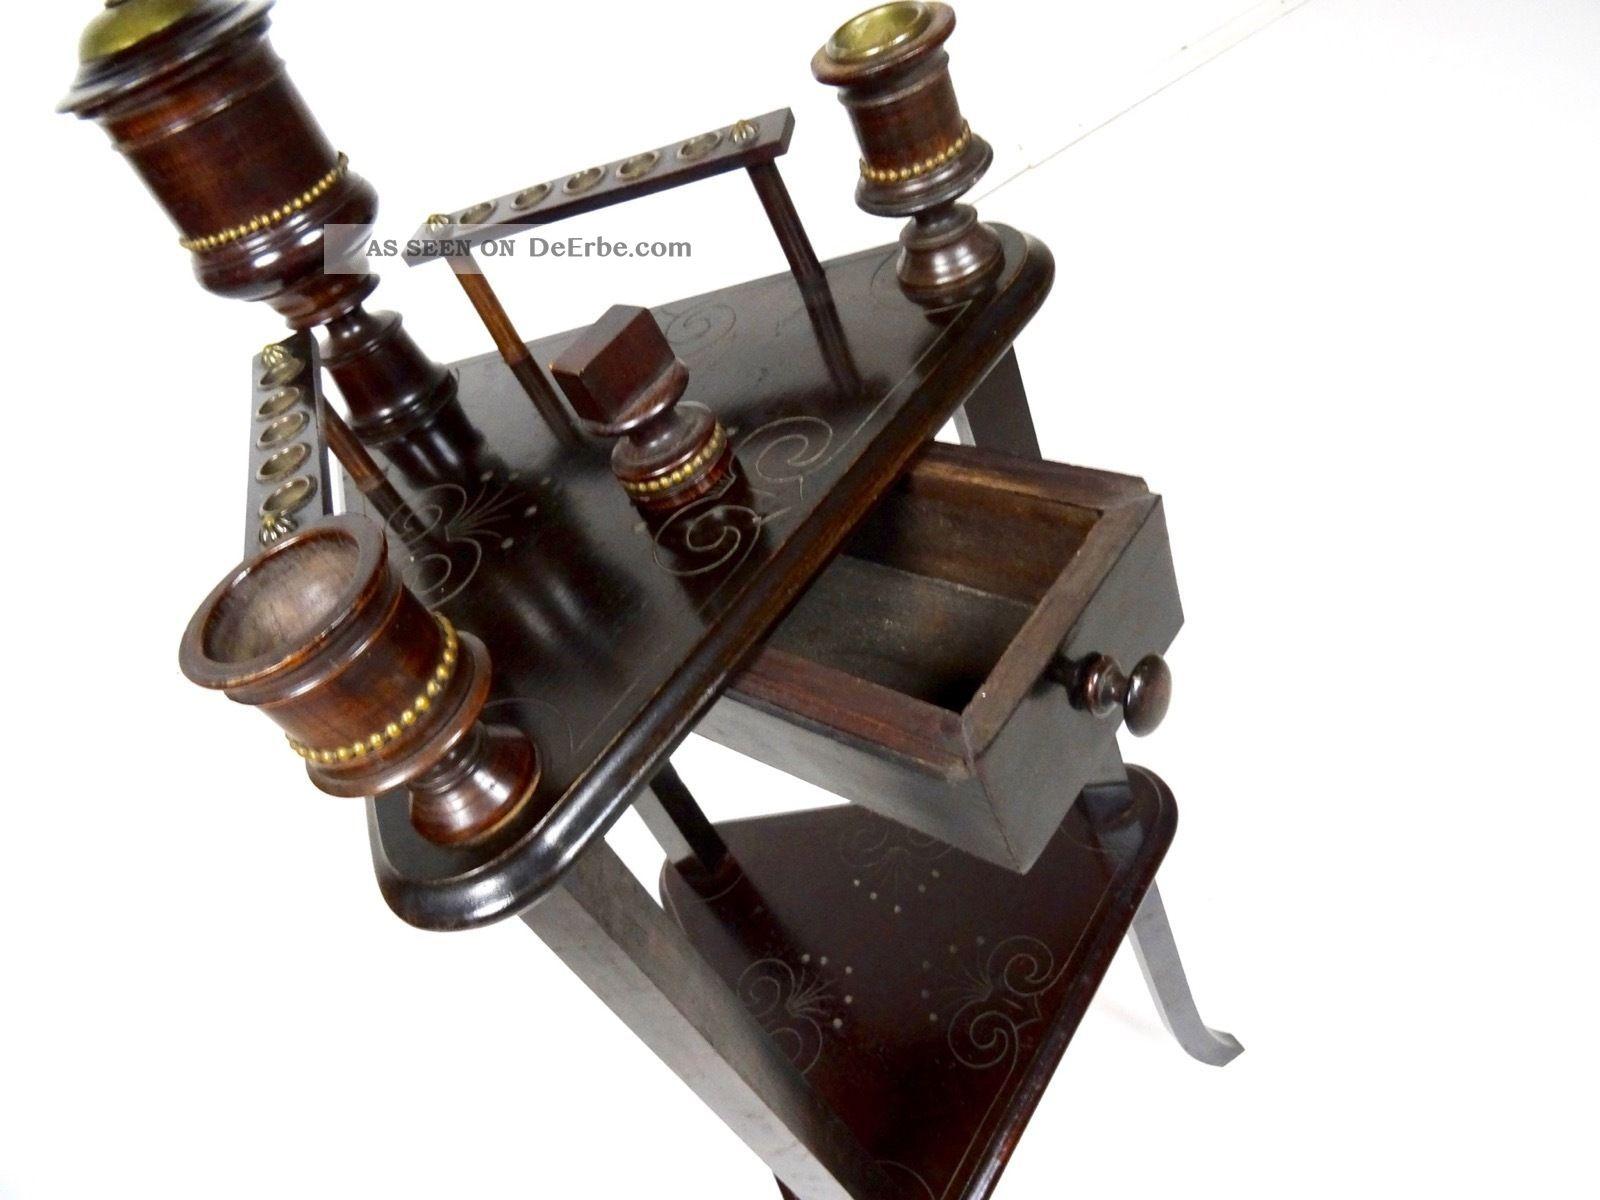 Jugendstil Rauchertisch Beistelltisch Antik Eiche Tischchen Tabak 1890-1919, Jugendstil Bild